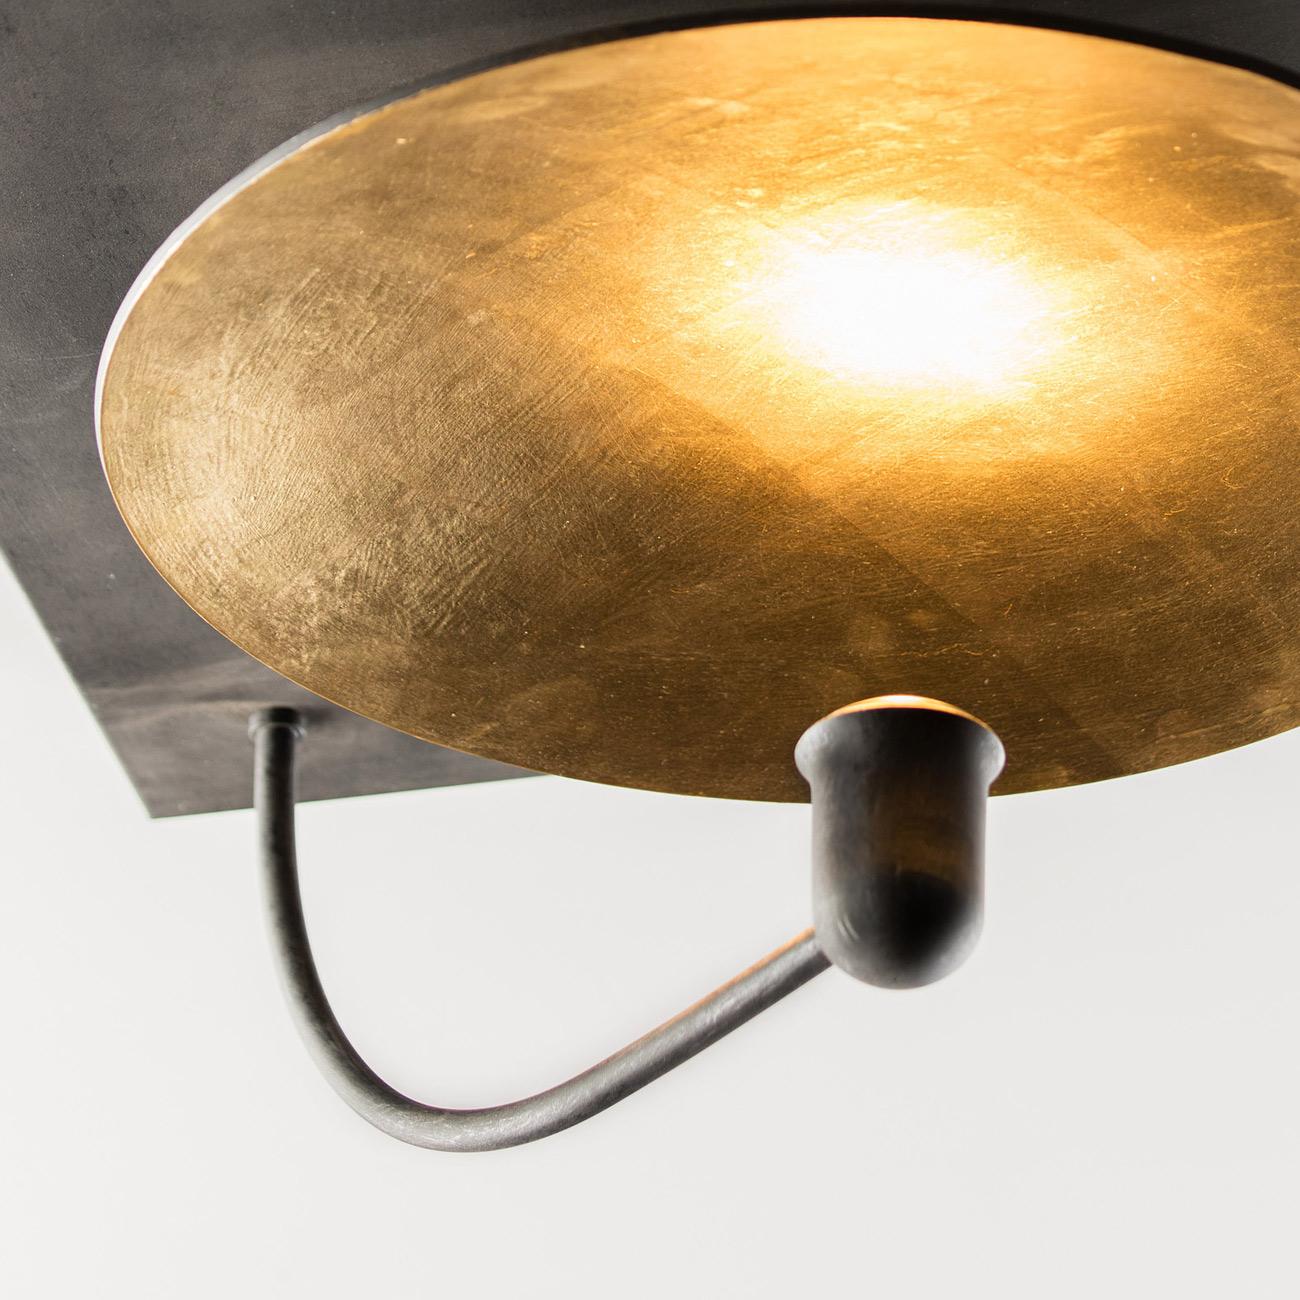 sanftes indirektes licht deckenleuchte mit goldenem. Black Bedroom Furniture Sets. Home Design Ideas